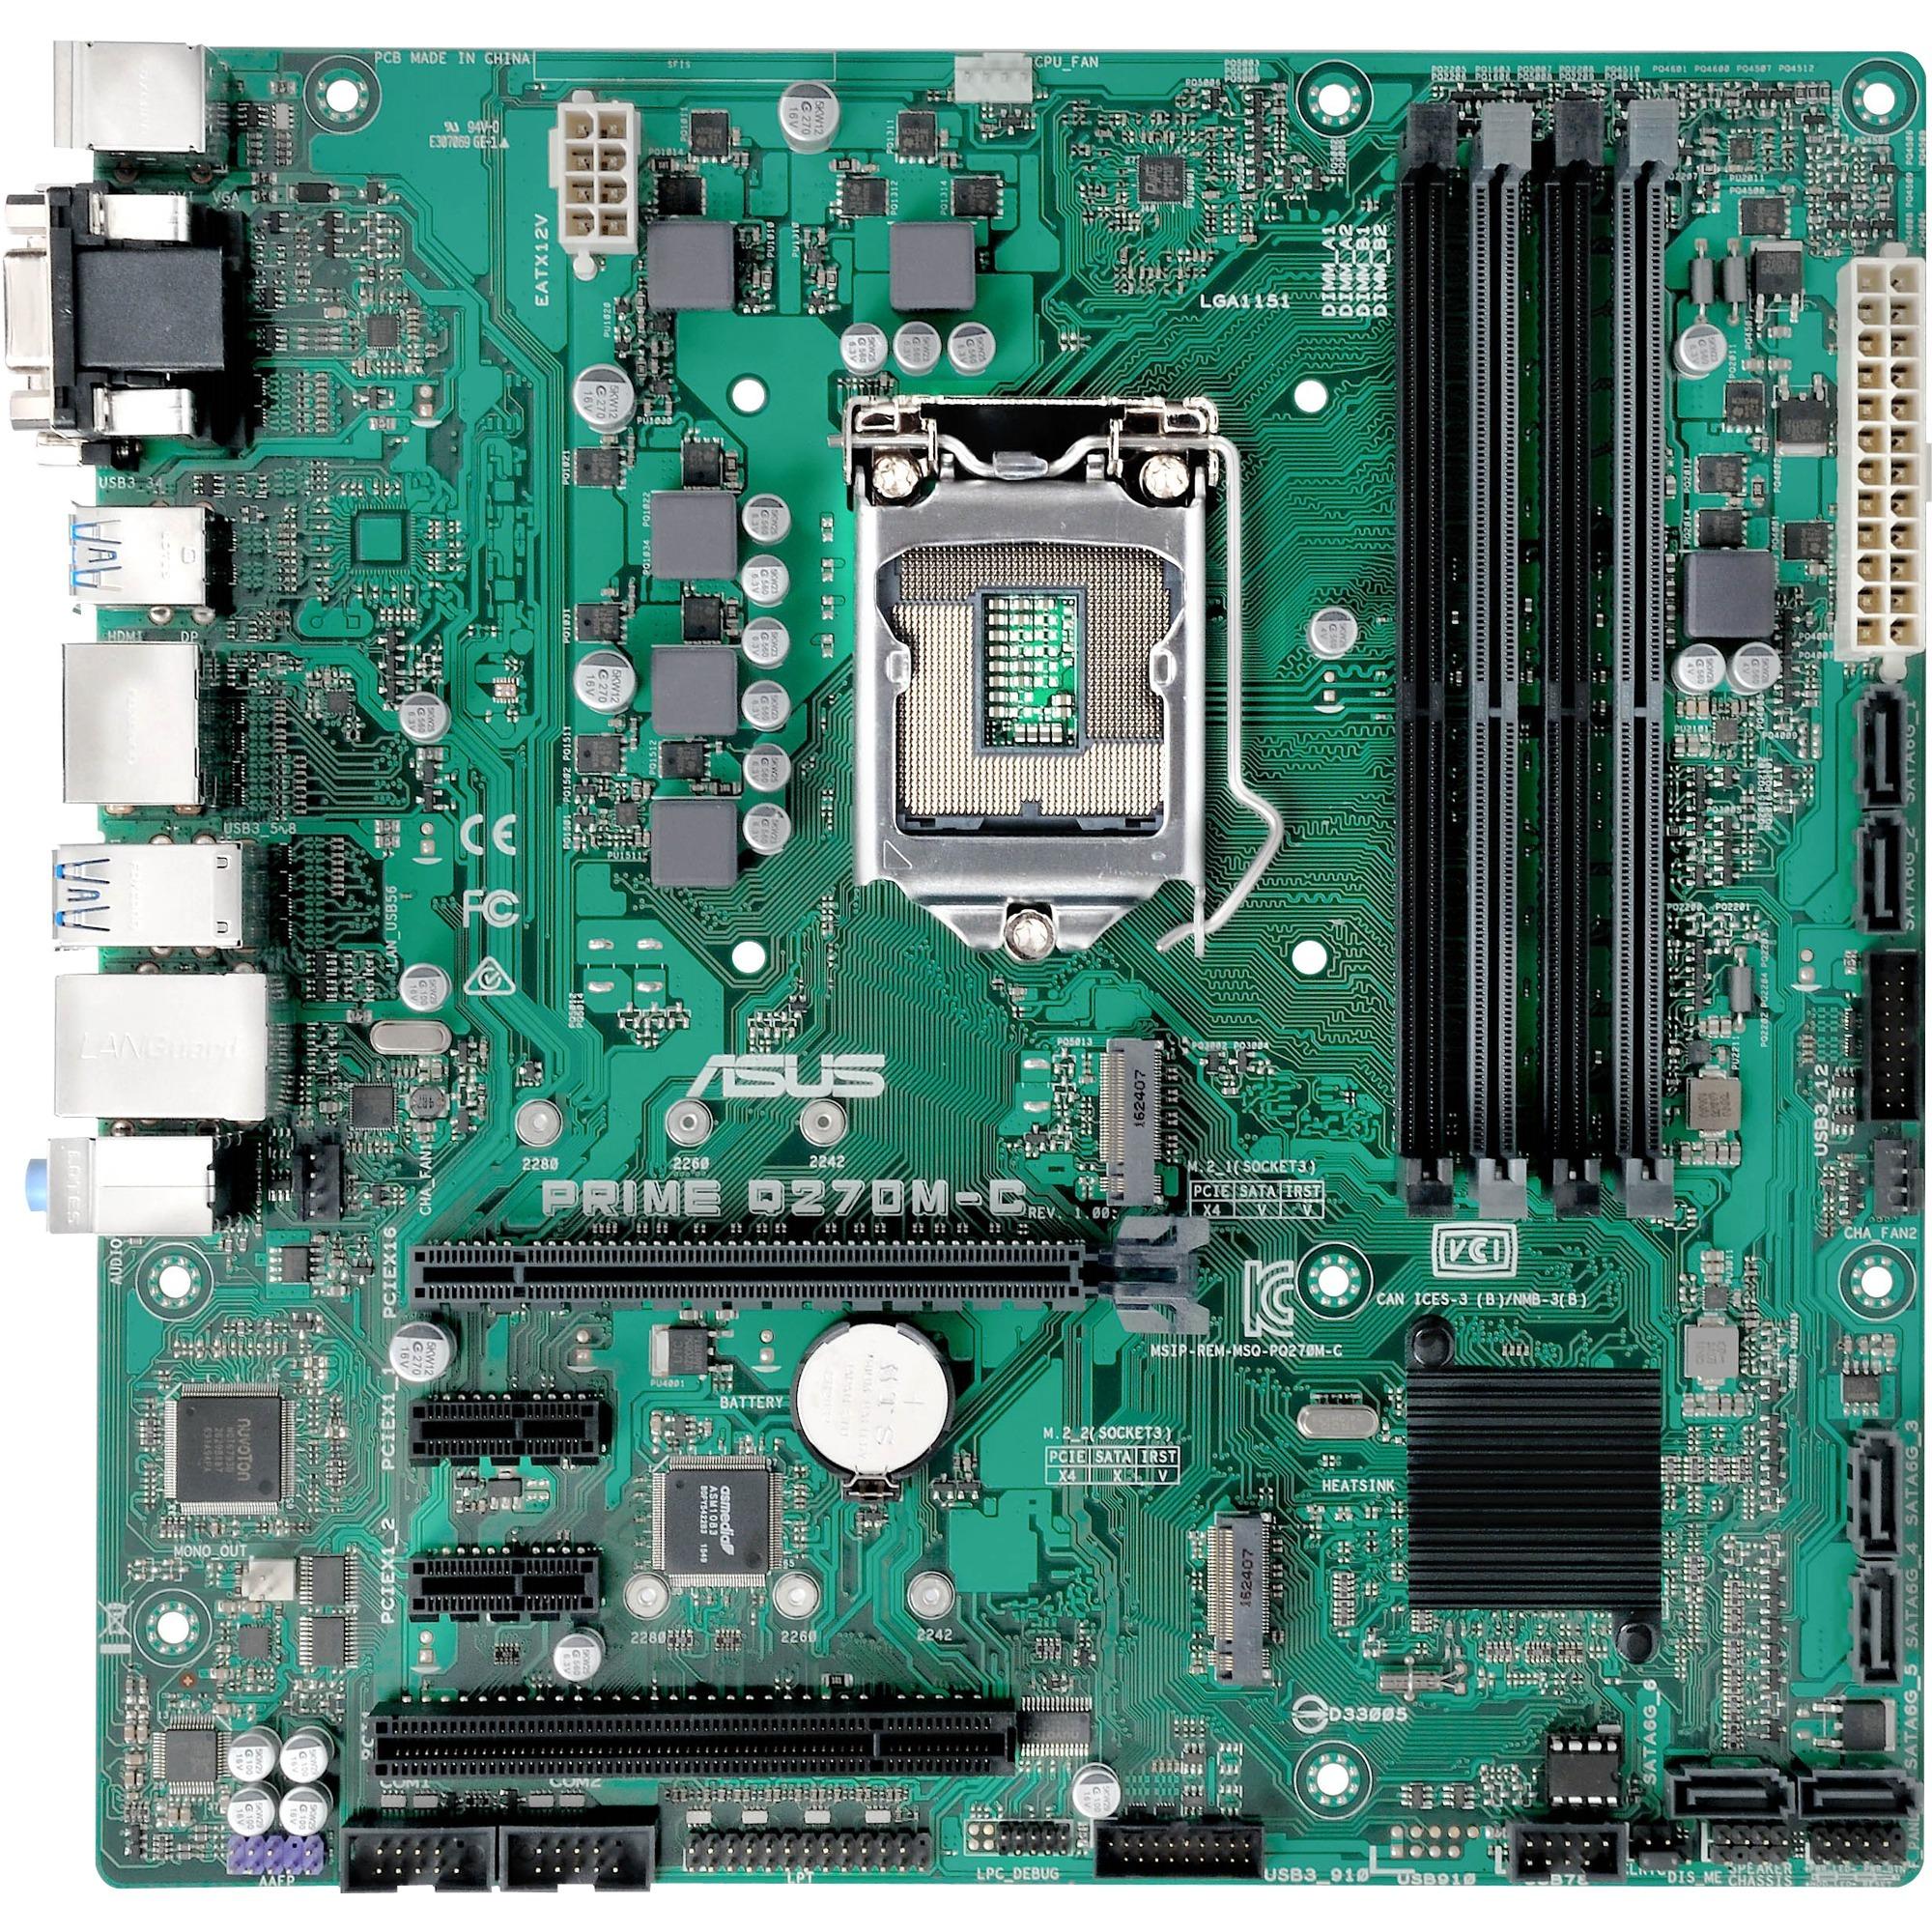 PRIME Q270M-C/CSM Intel Q270 microATX carte mère